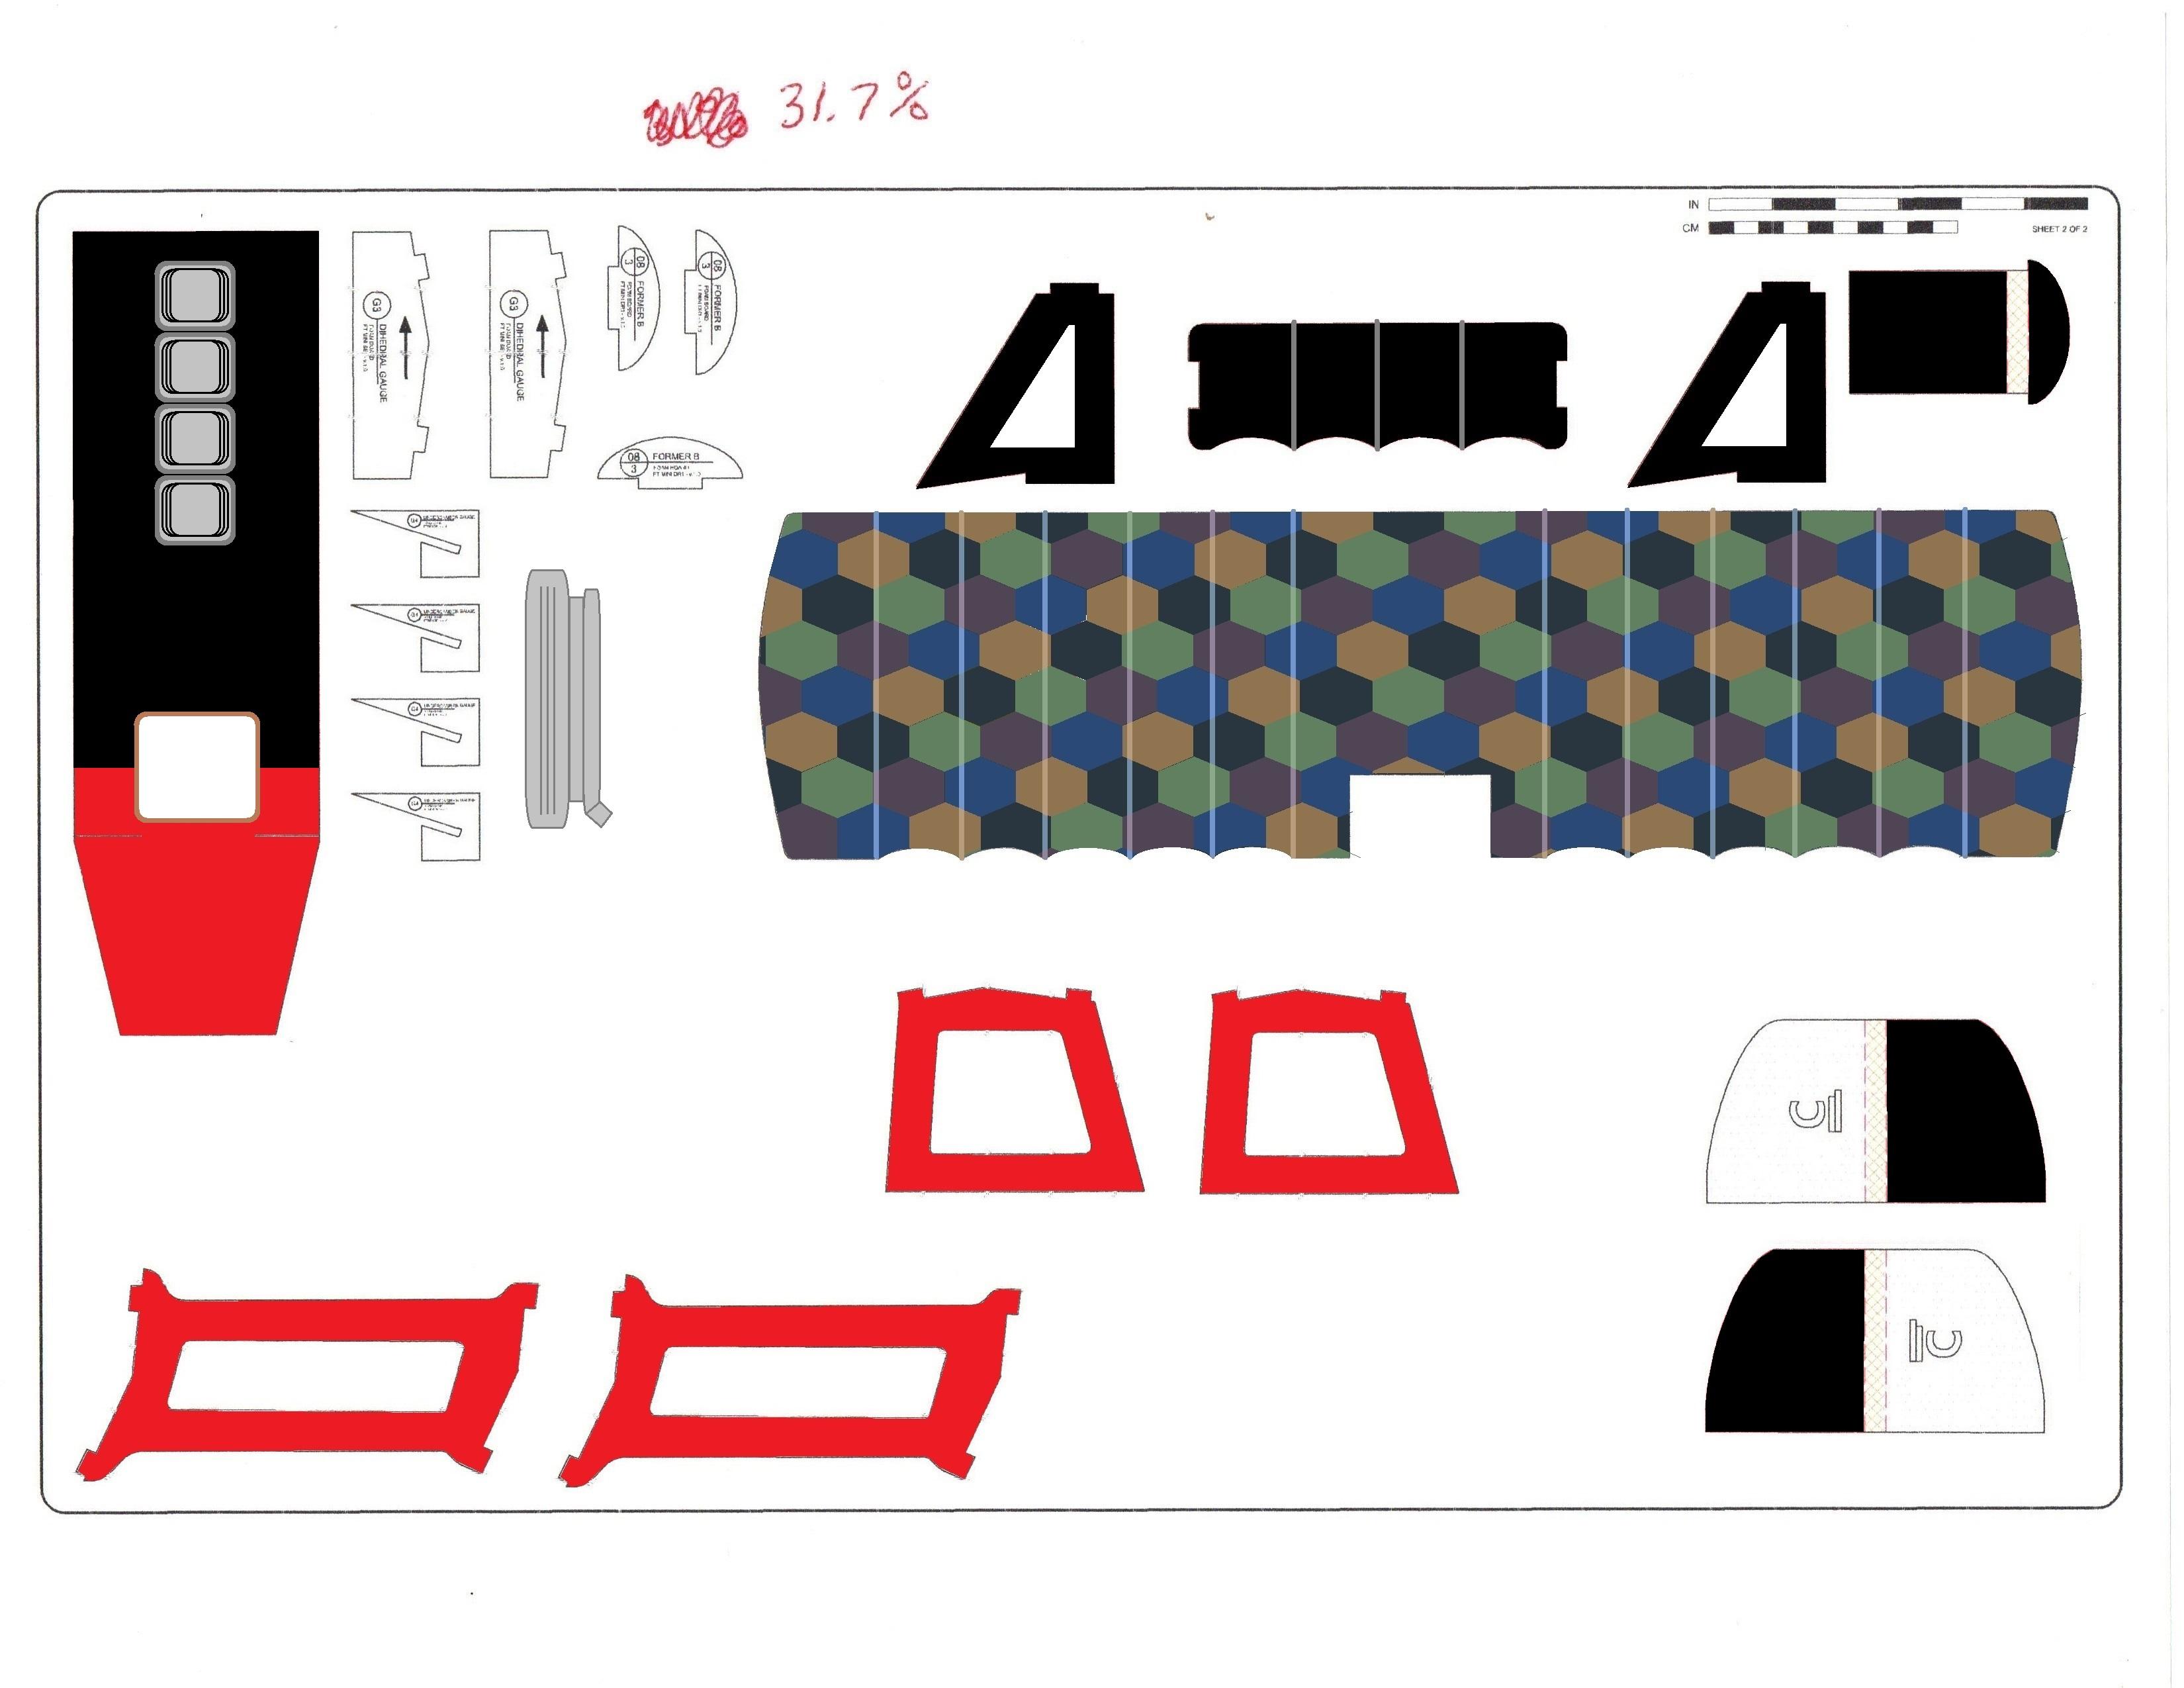 d7 1.jpg